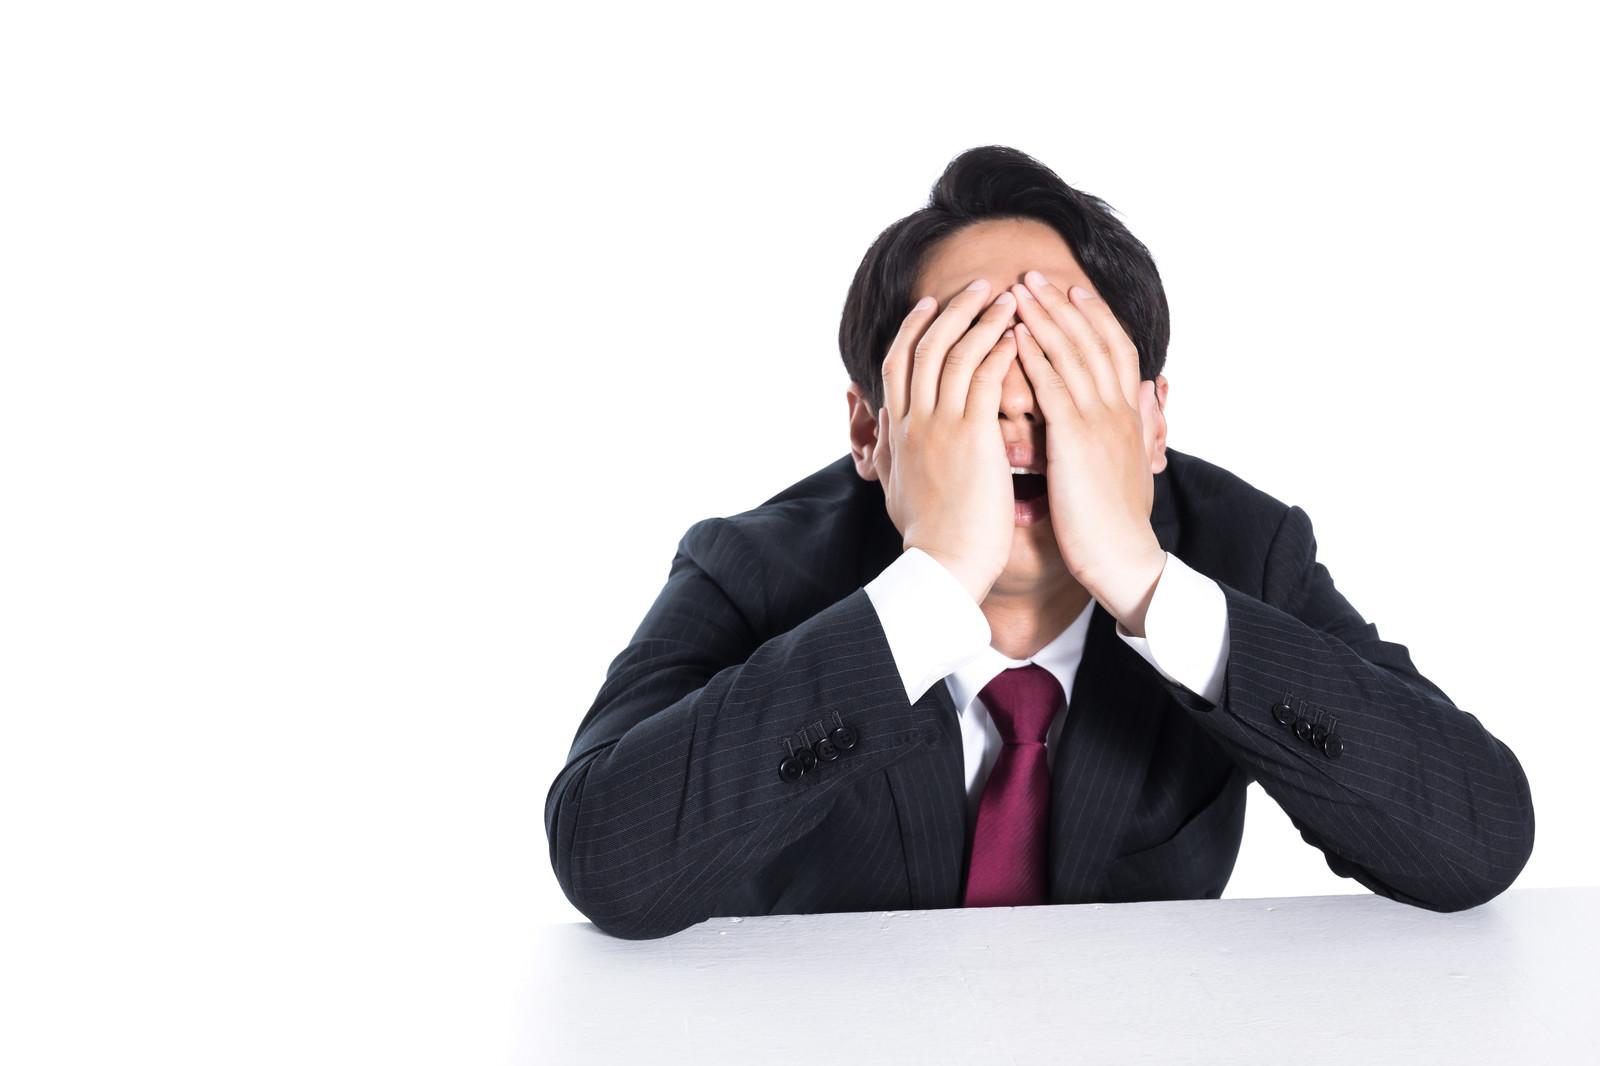 「不正がバレた男性会社員」の写真[モデル:大川竜弥]